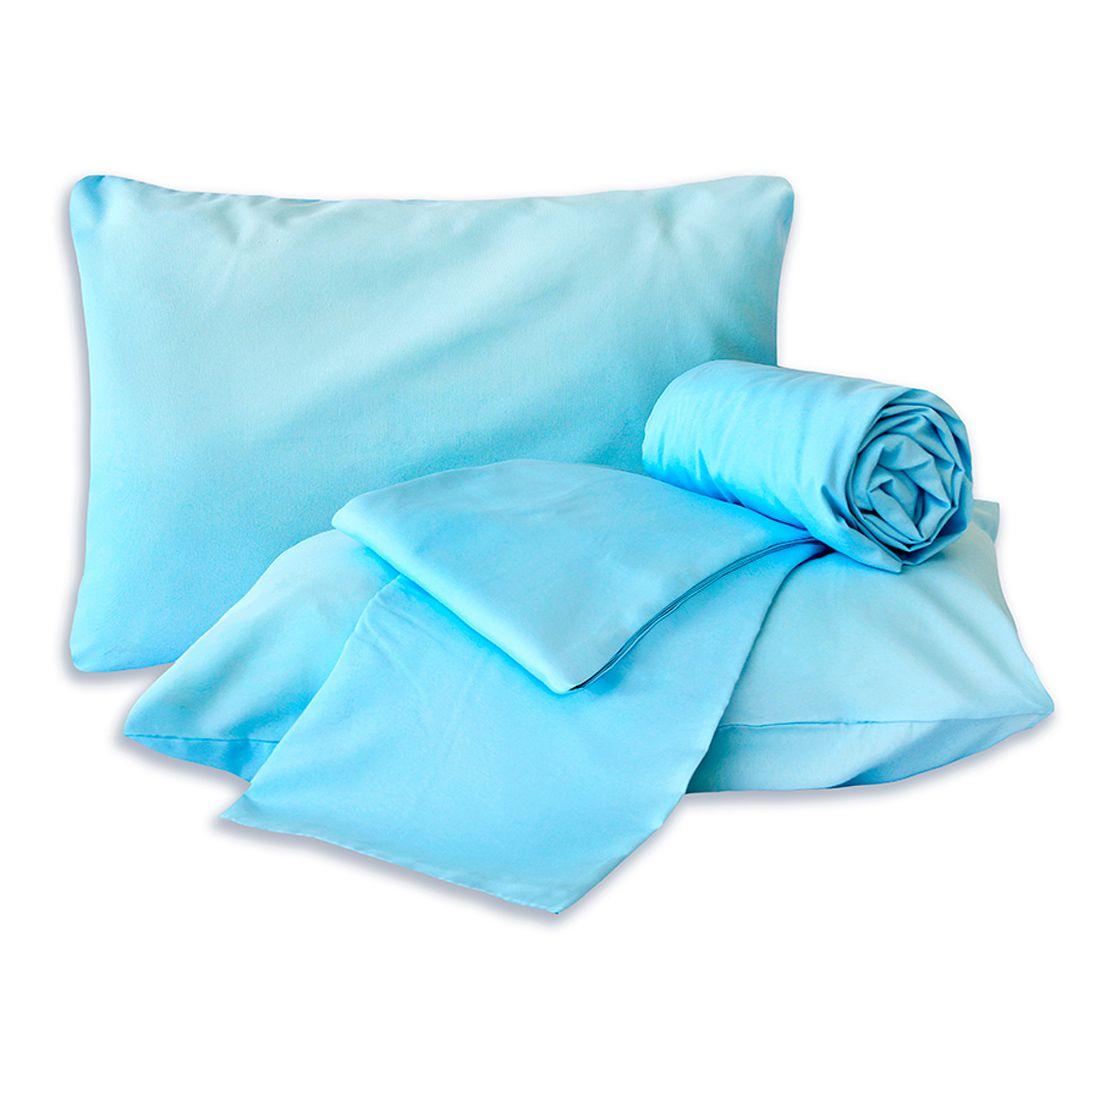 Jogo de Cama Standard Liso Azul Casal Padrão 160 Fios 04 Peças